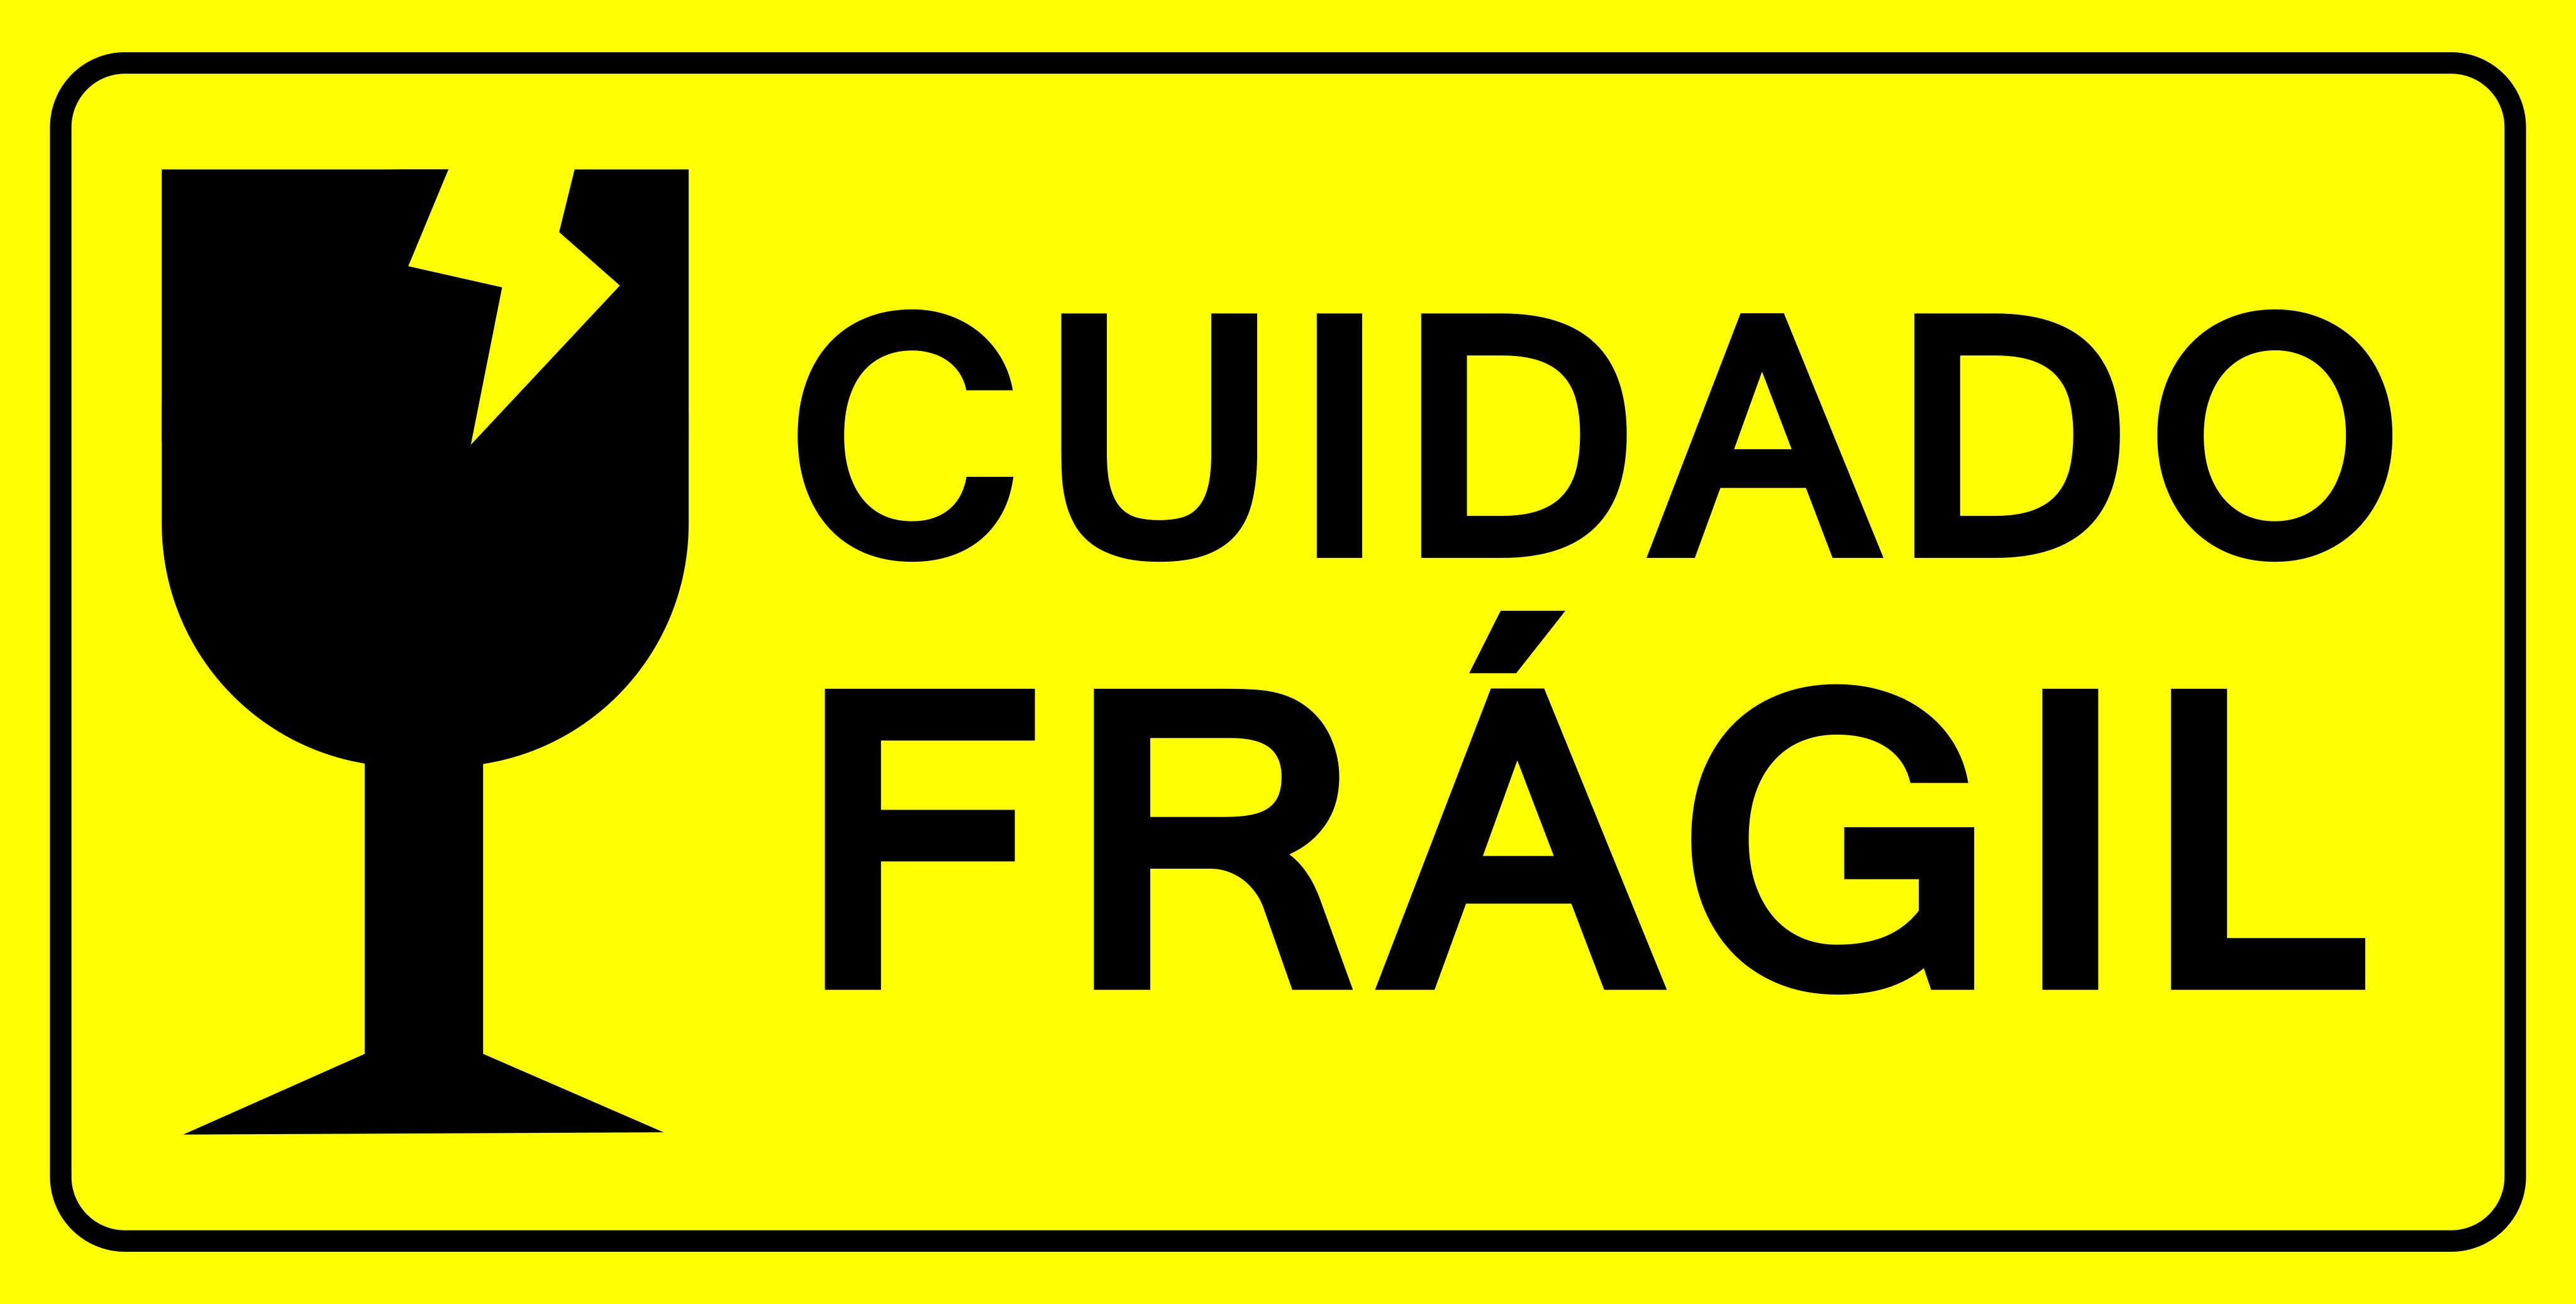 cuidado-fragil-1